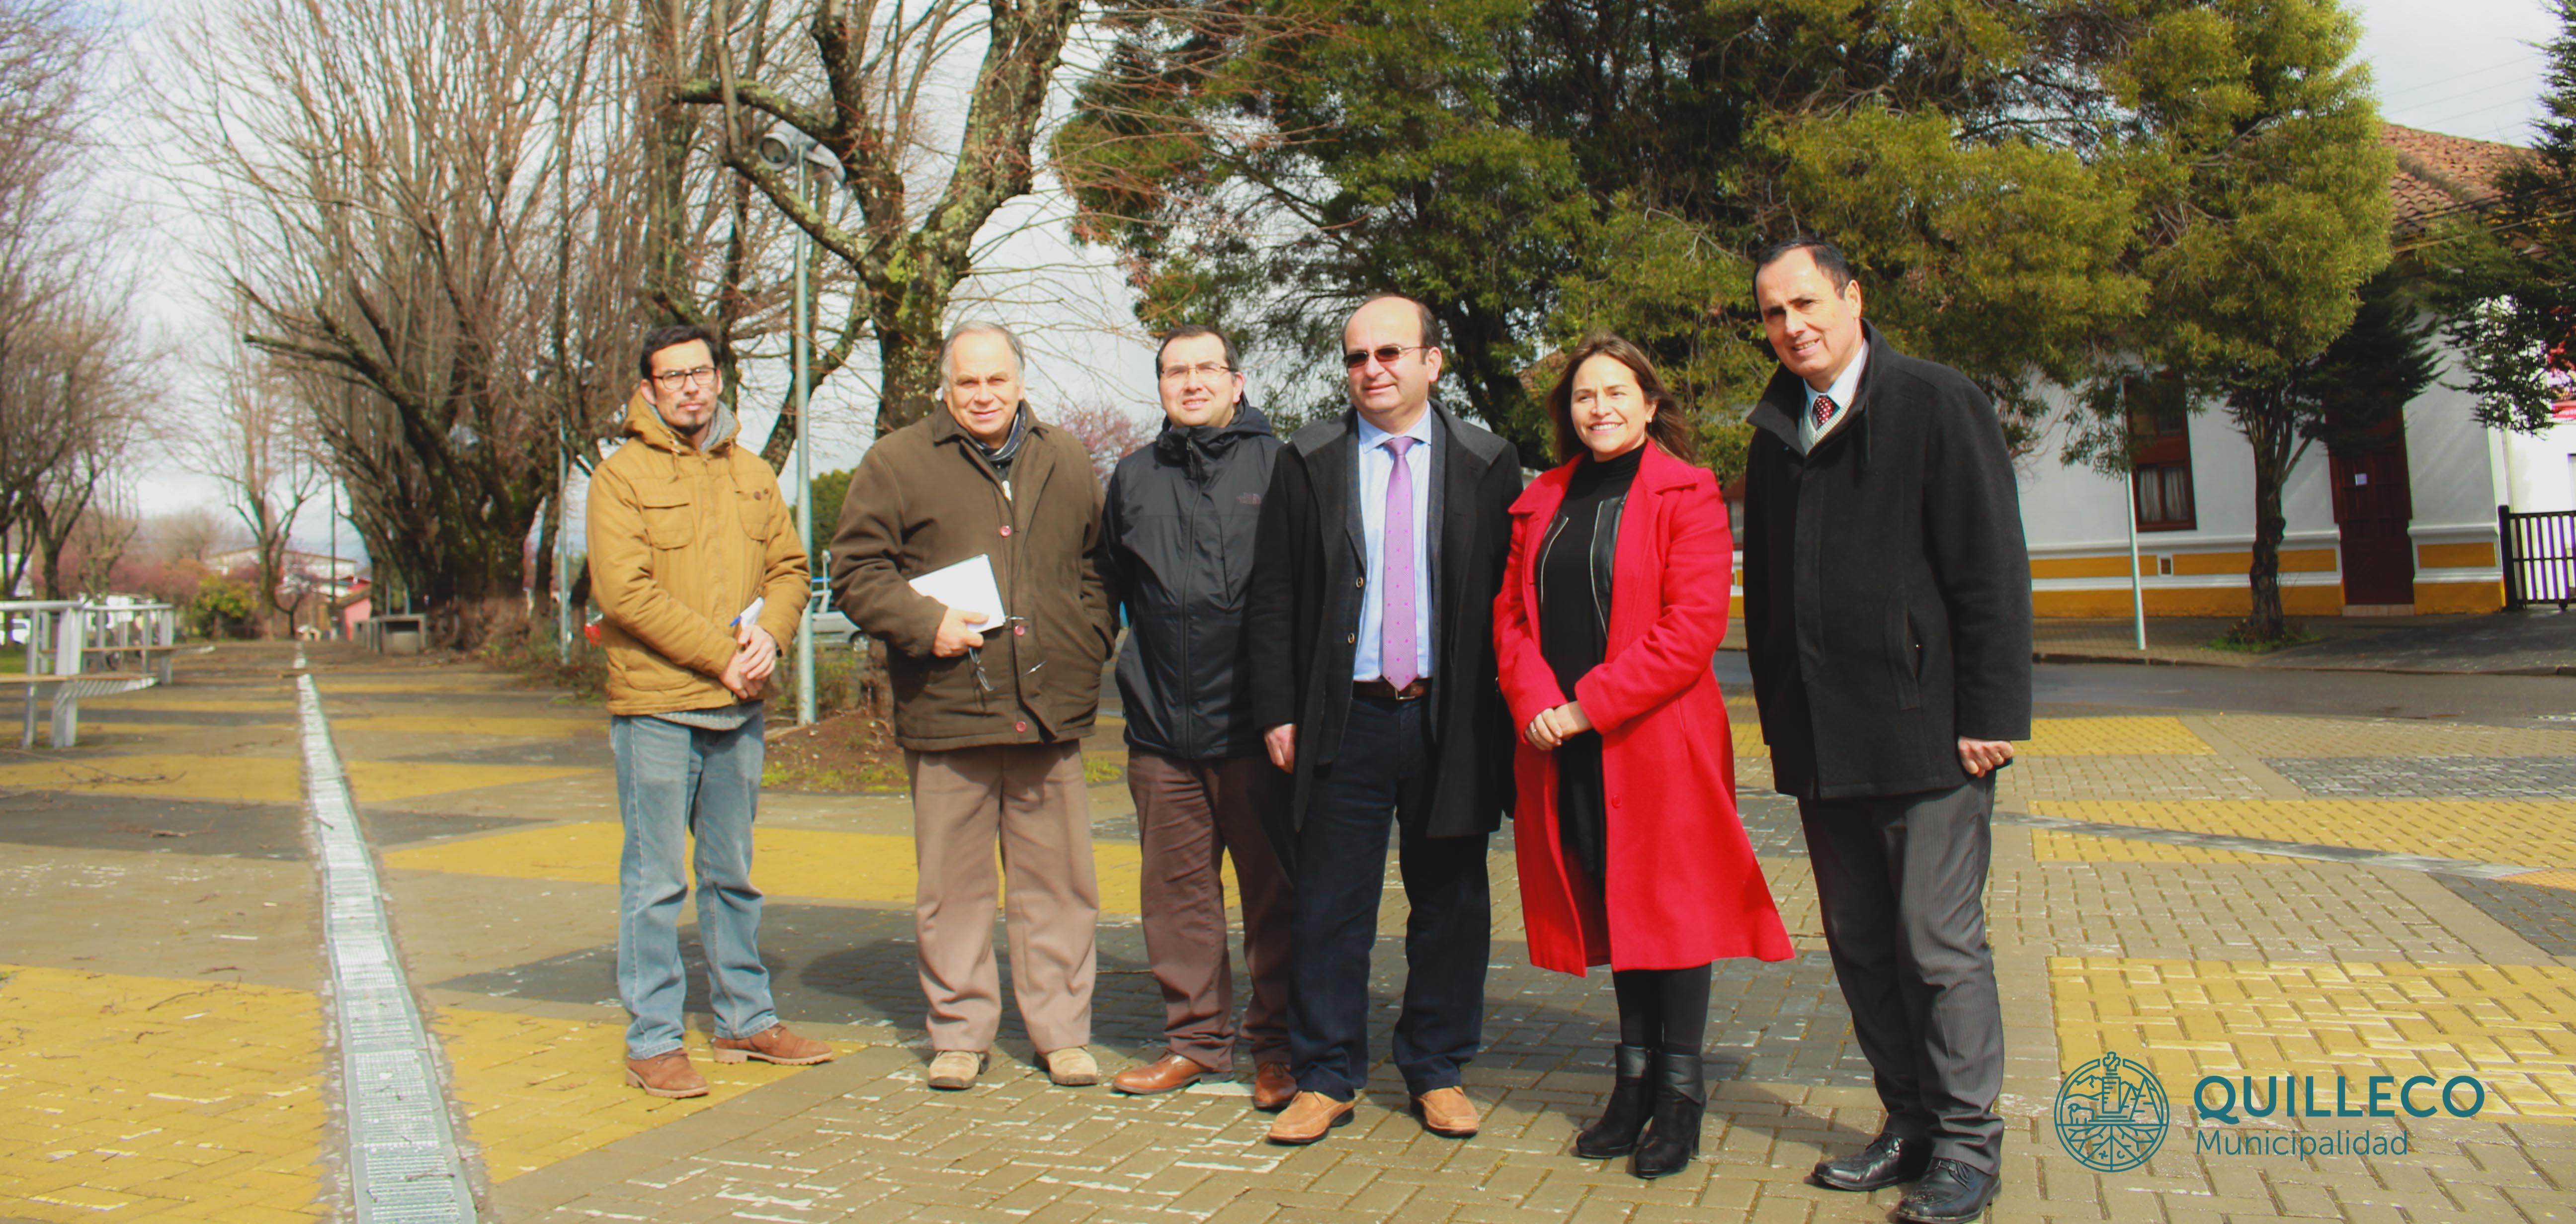 El Consejo Regional del Bio Bío sesionará en Quilleco en un hecho histórico para nuestra comuna.